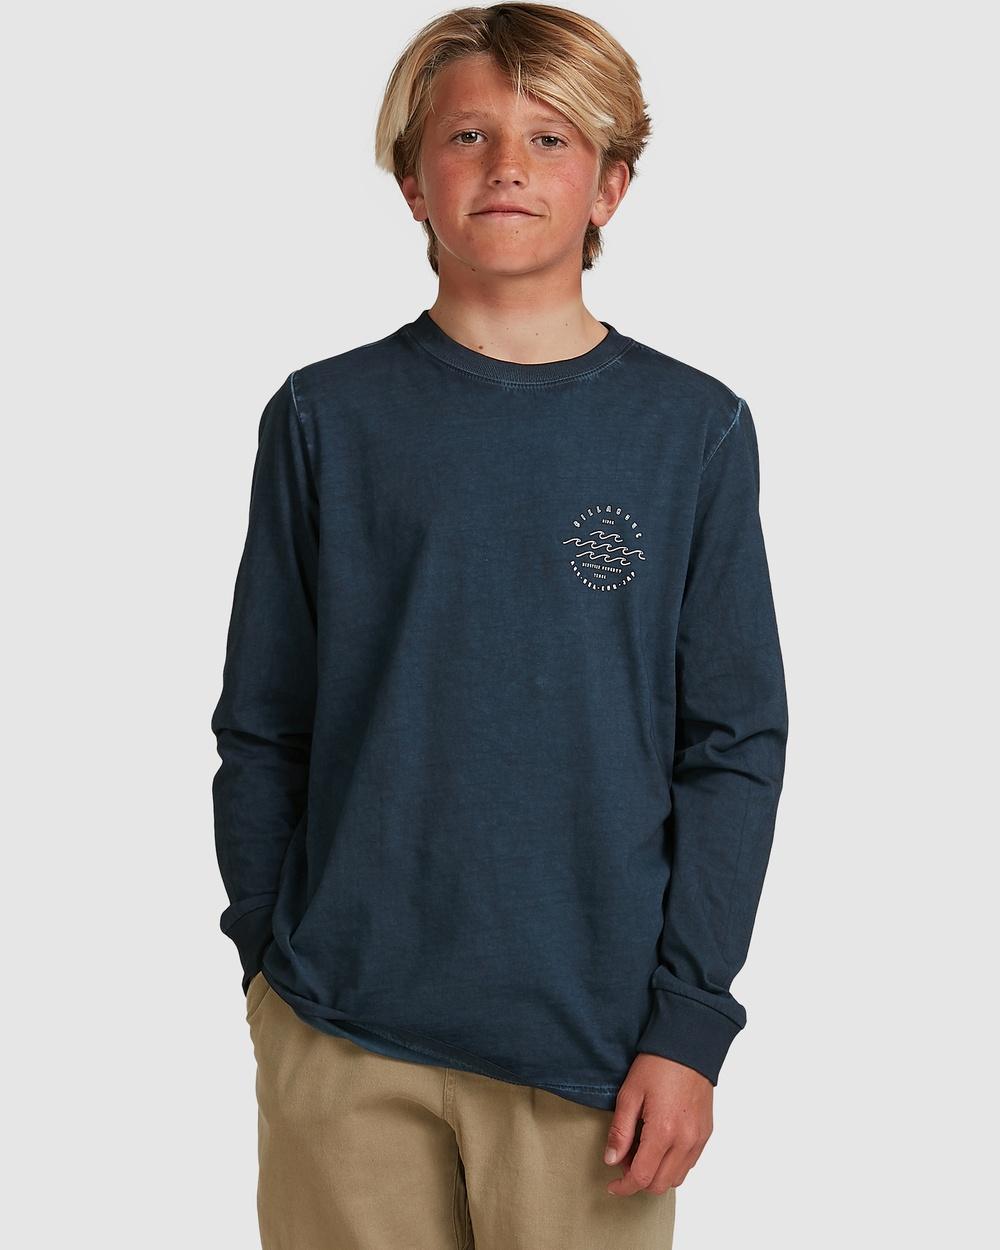 Billabong - Boys Big Wave Dave Long Sleeve Tee - T-Shirts & Singlets (NAVY) Boys Big Wave Dave Long Sleeve Tee